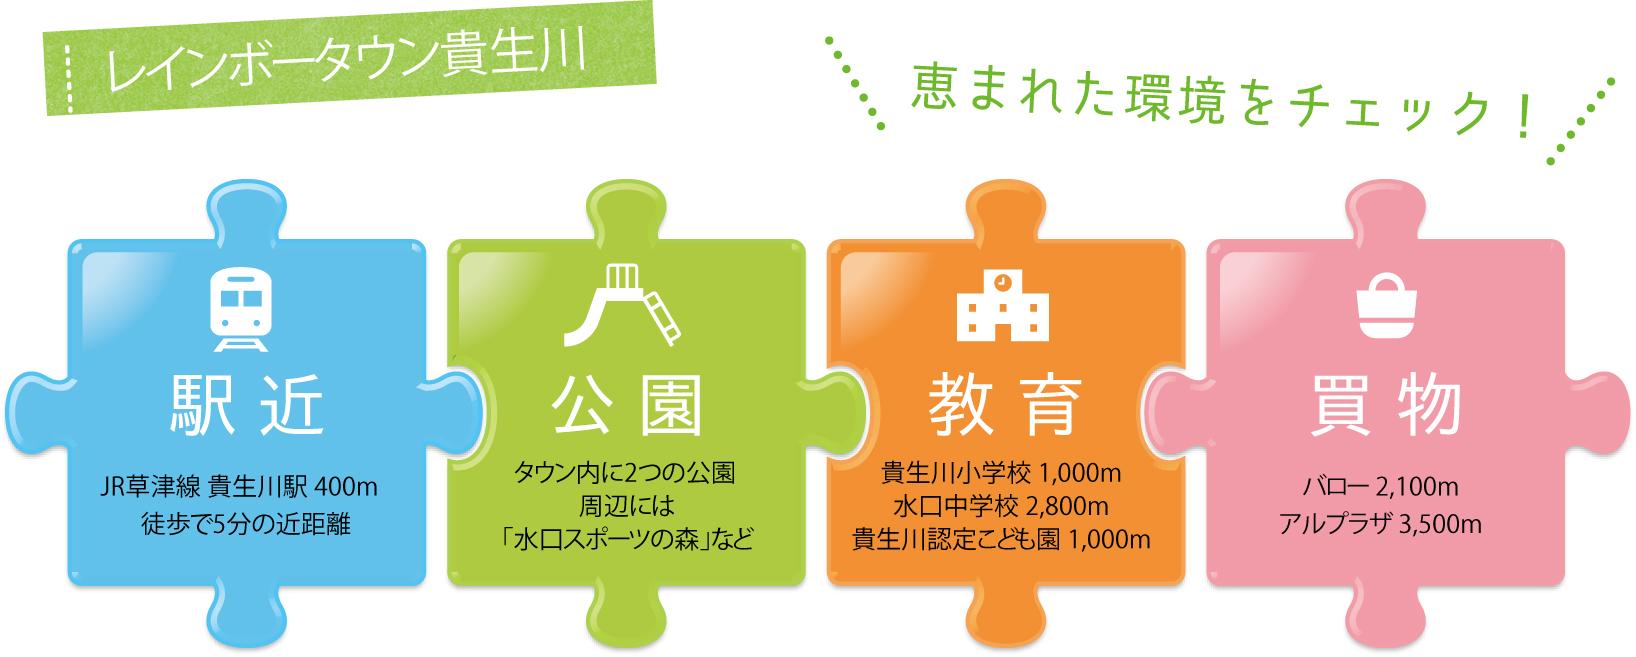 kibukawa.jpg